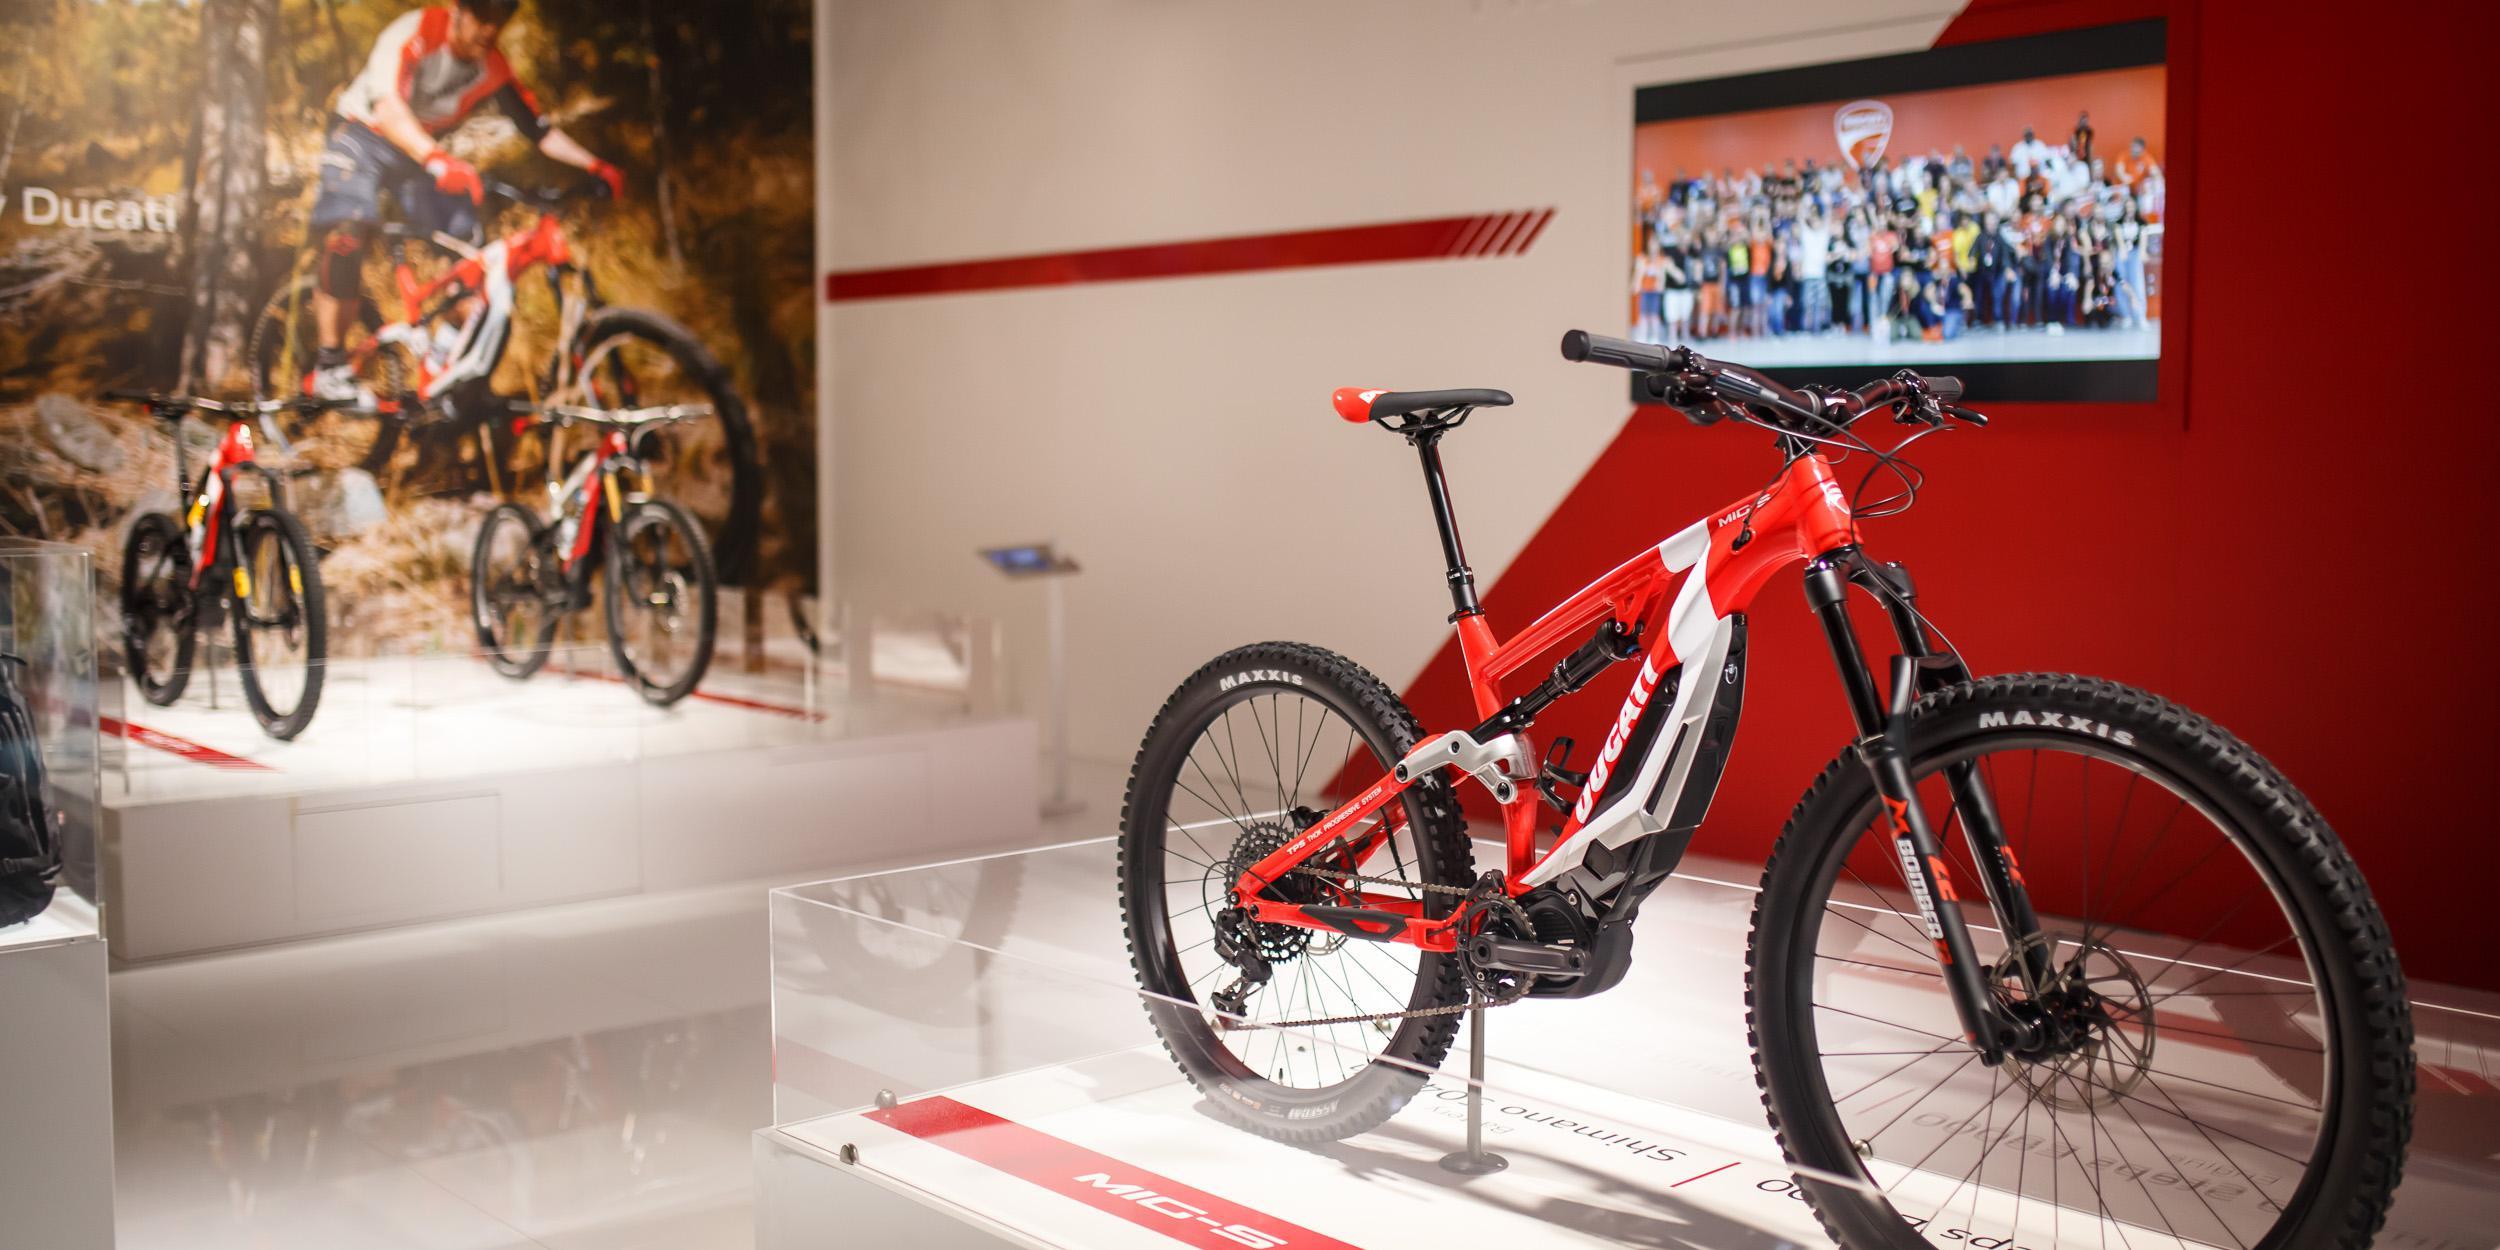 Ducati Neuheiten 2020